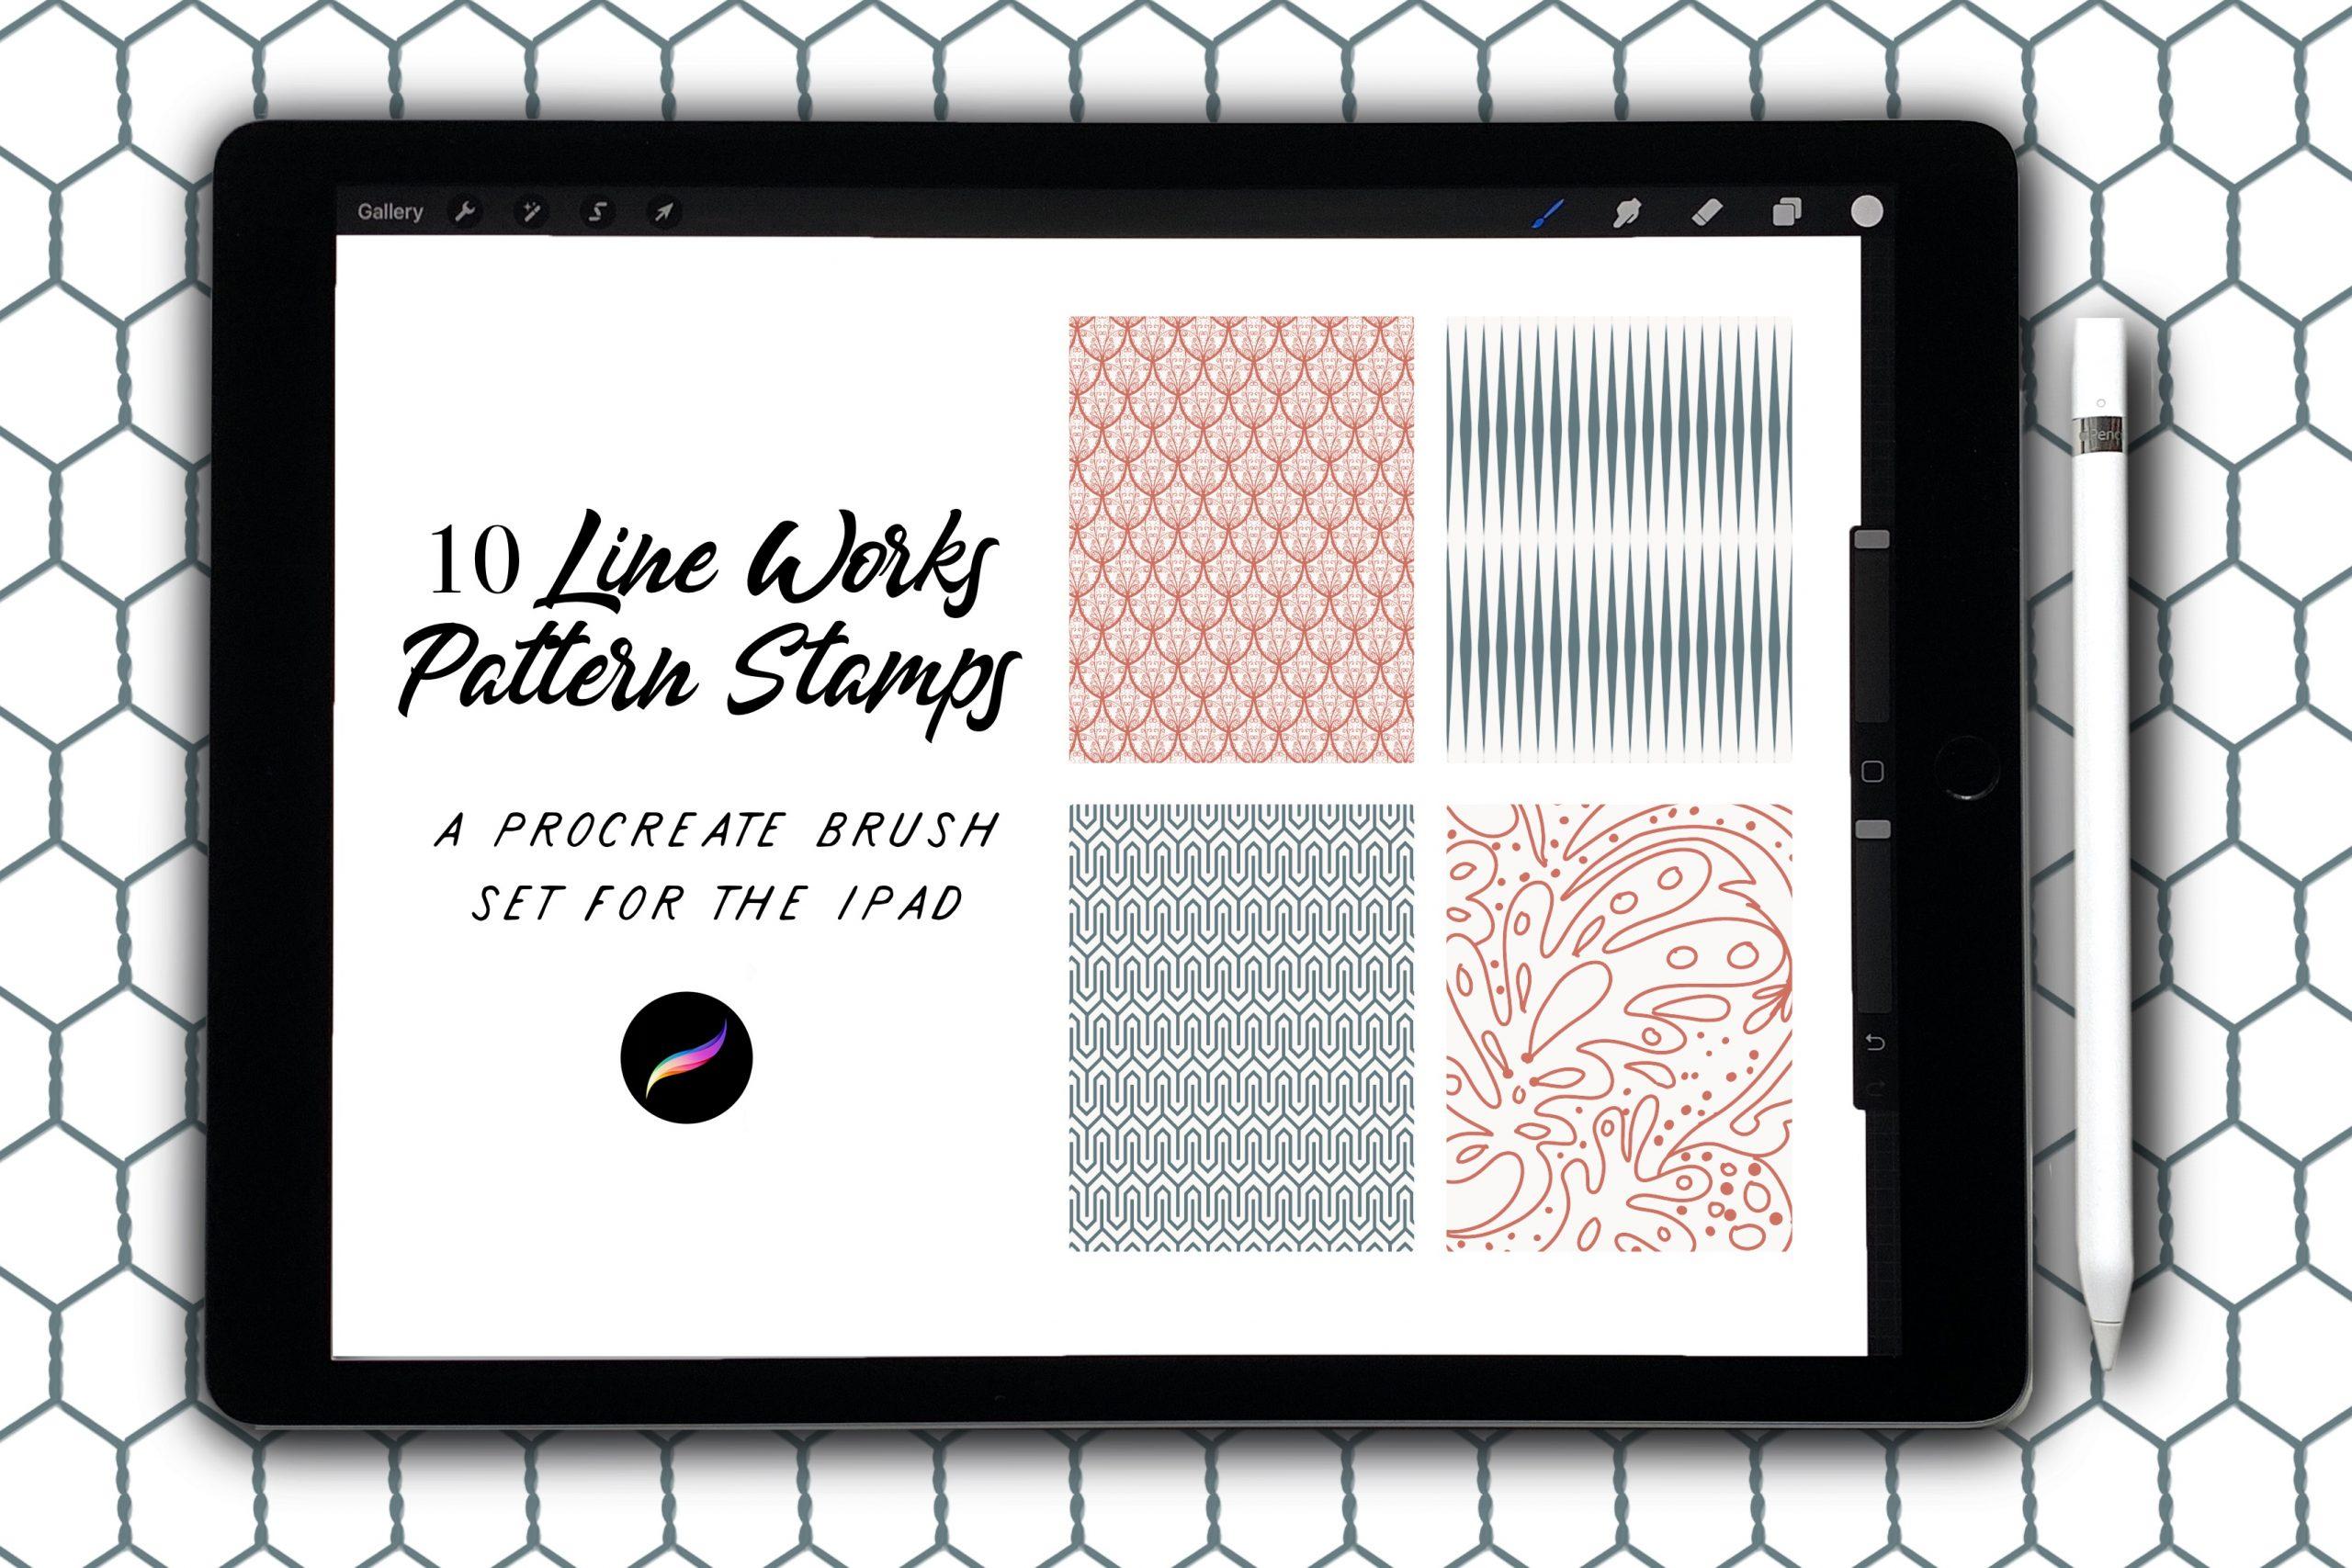 Line Works Patterned Stamps